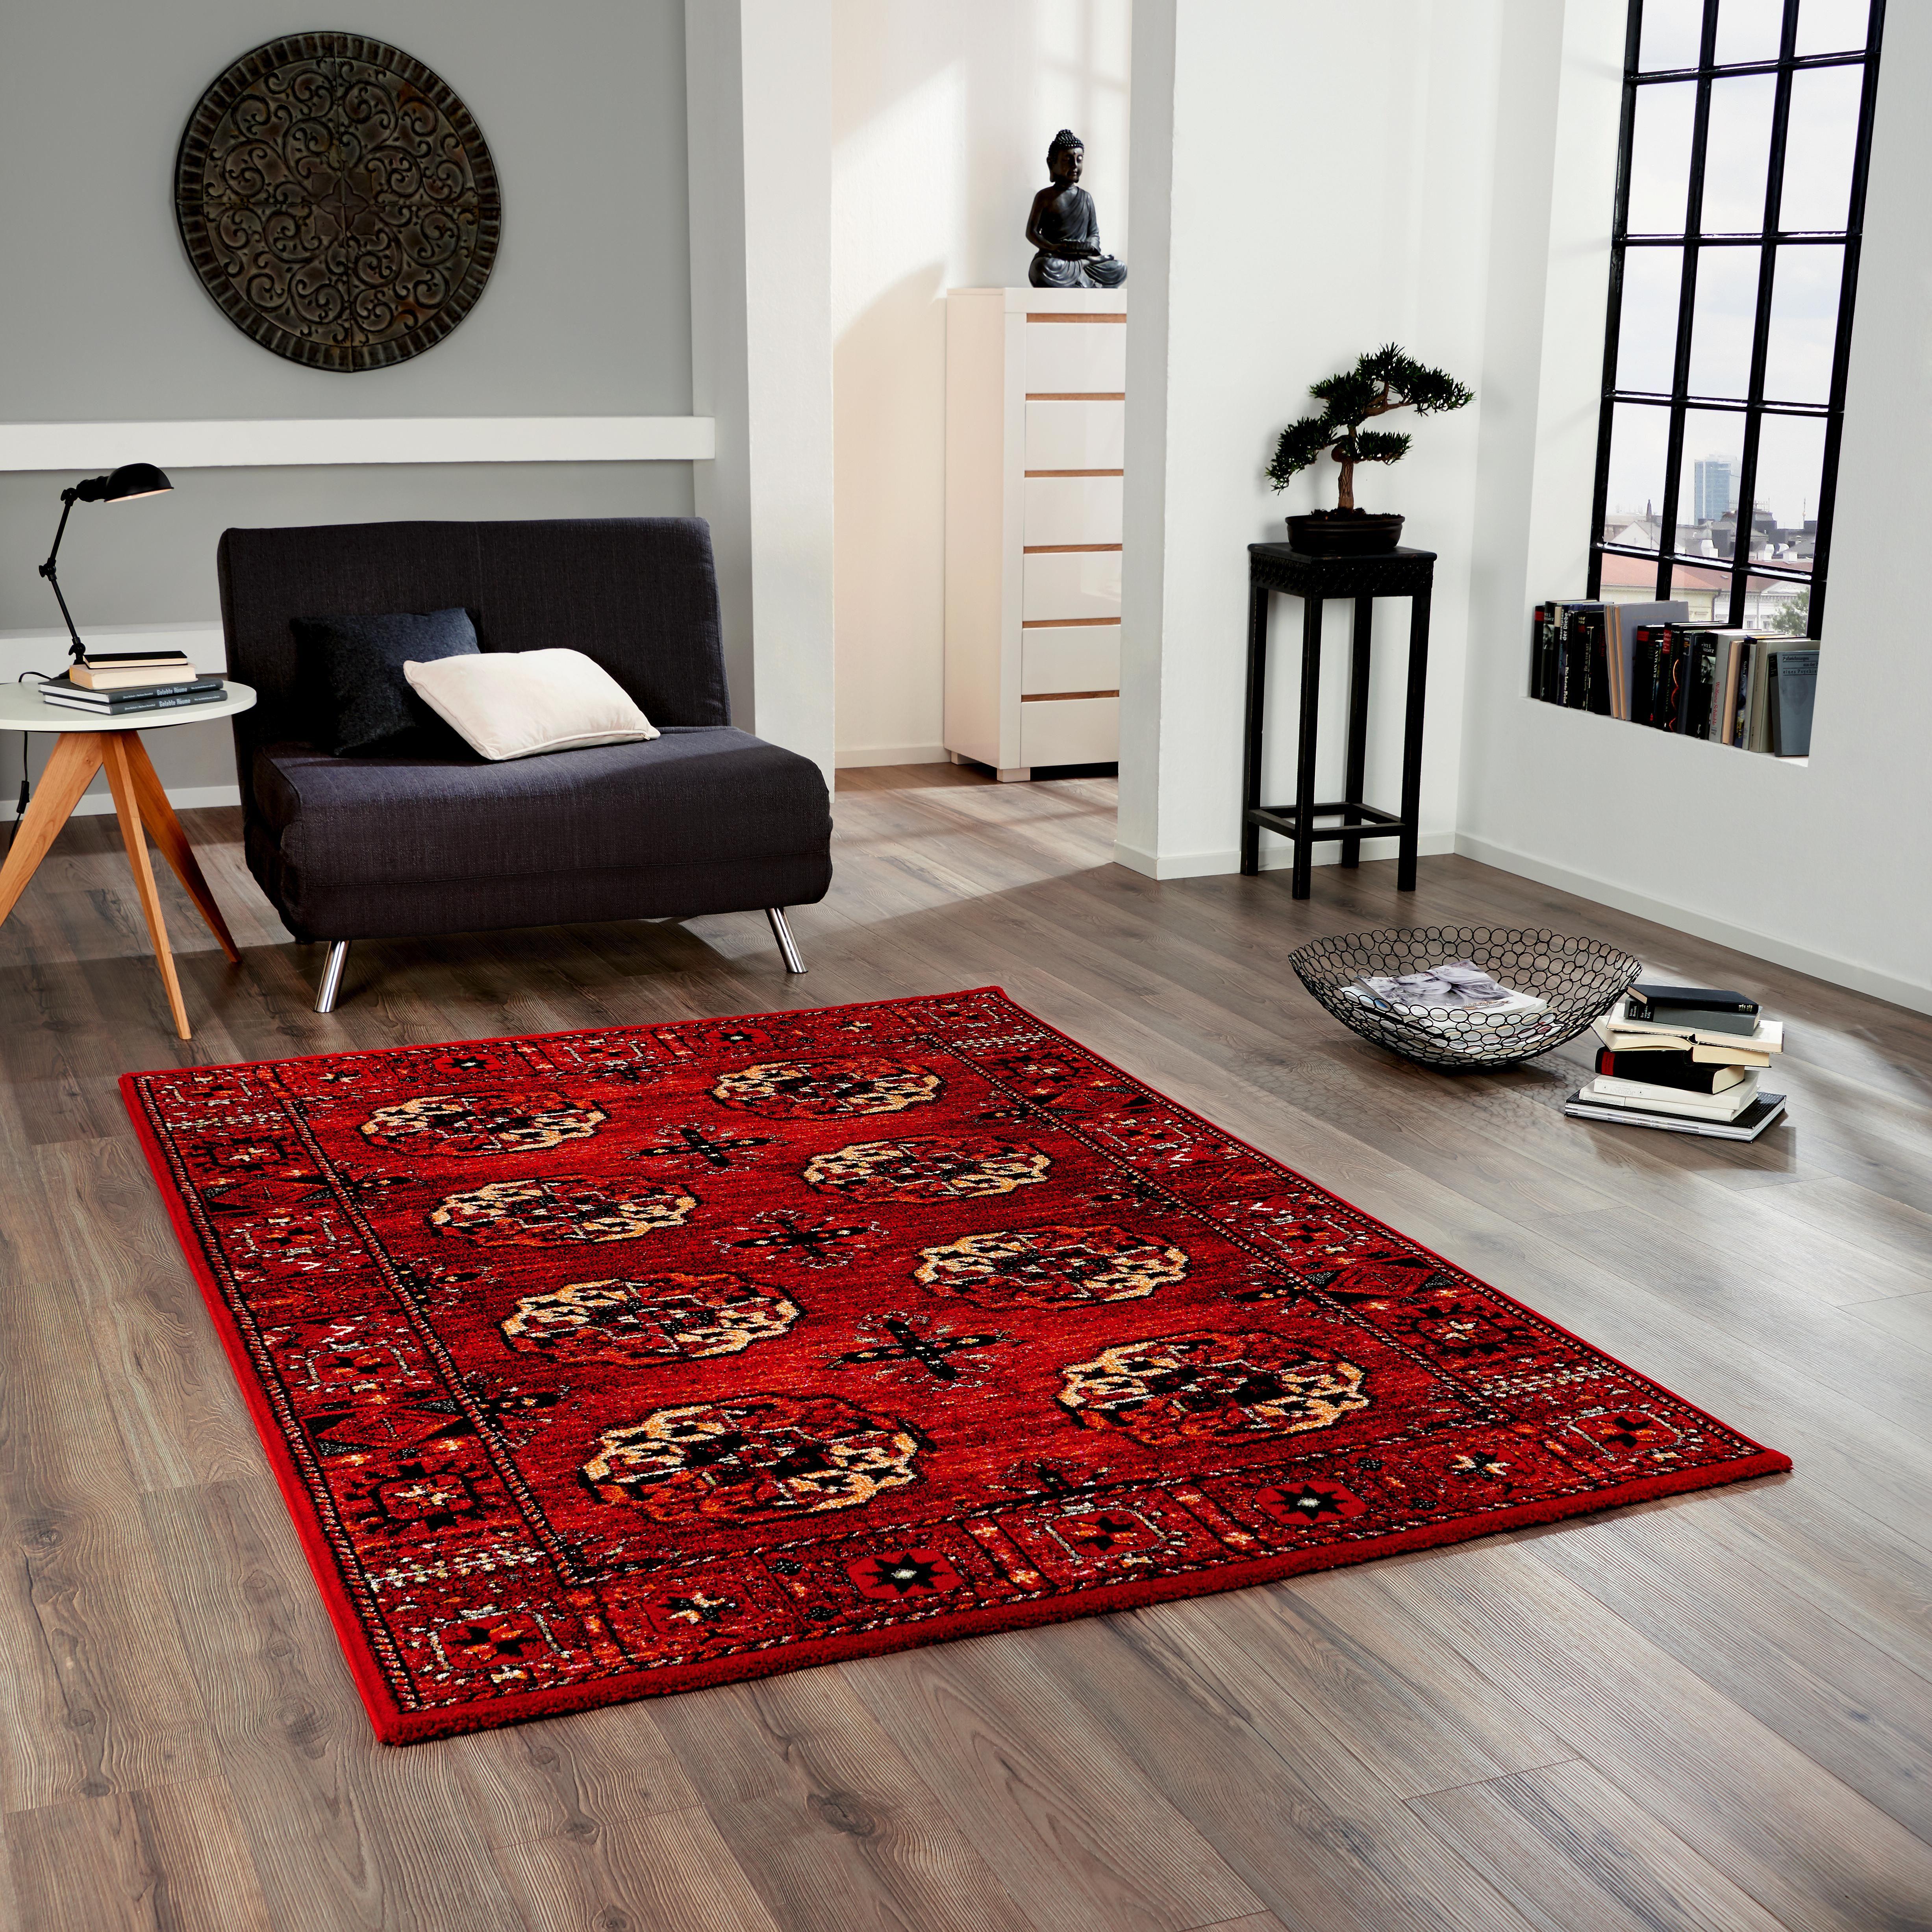 In Diesem Orientteppich Ist Die Tradition Und Die Handwerkskunst Iranisch Afghanischer Nomadenstamme Verwebt Der Wohnzimmer Design Haus Deko Zimmergestaltung